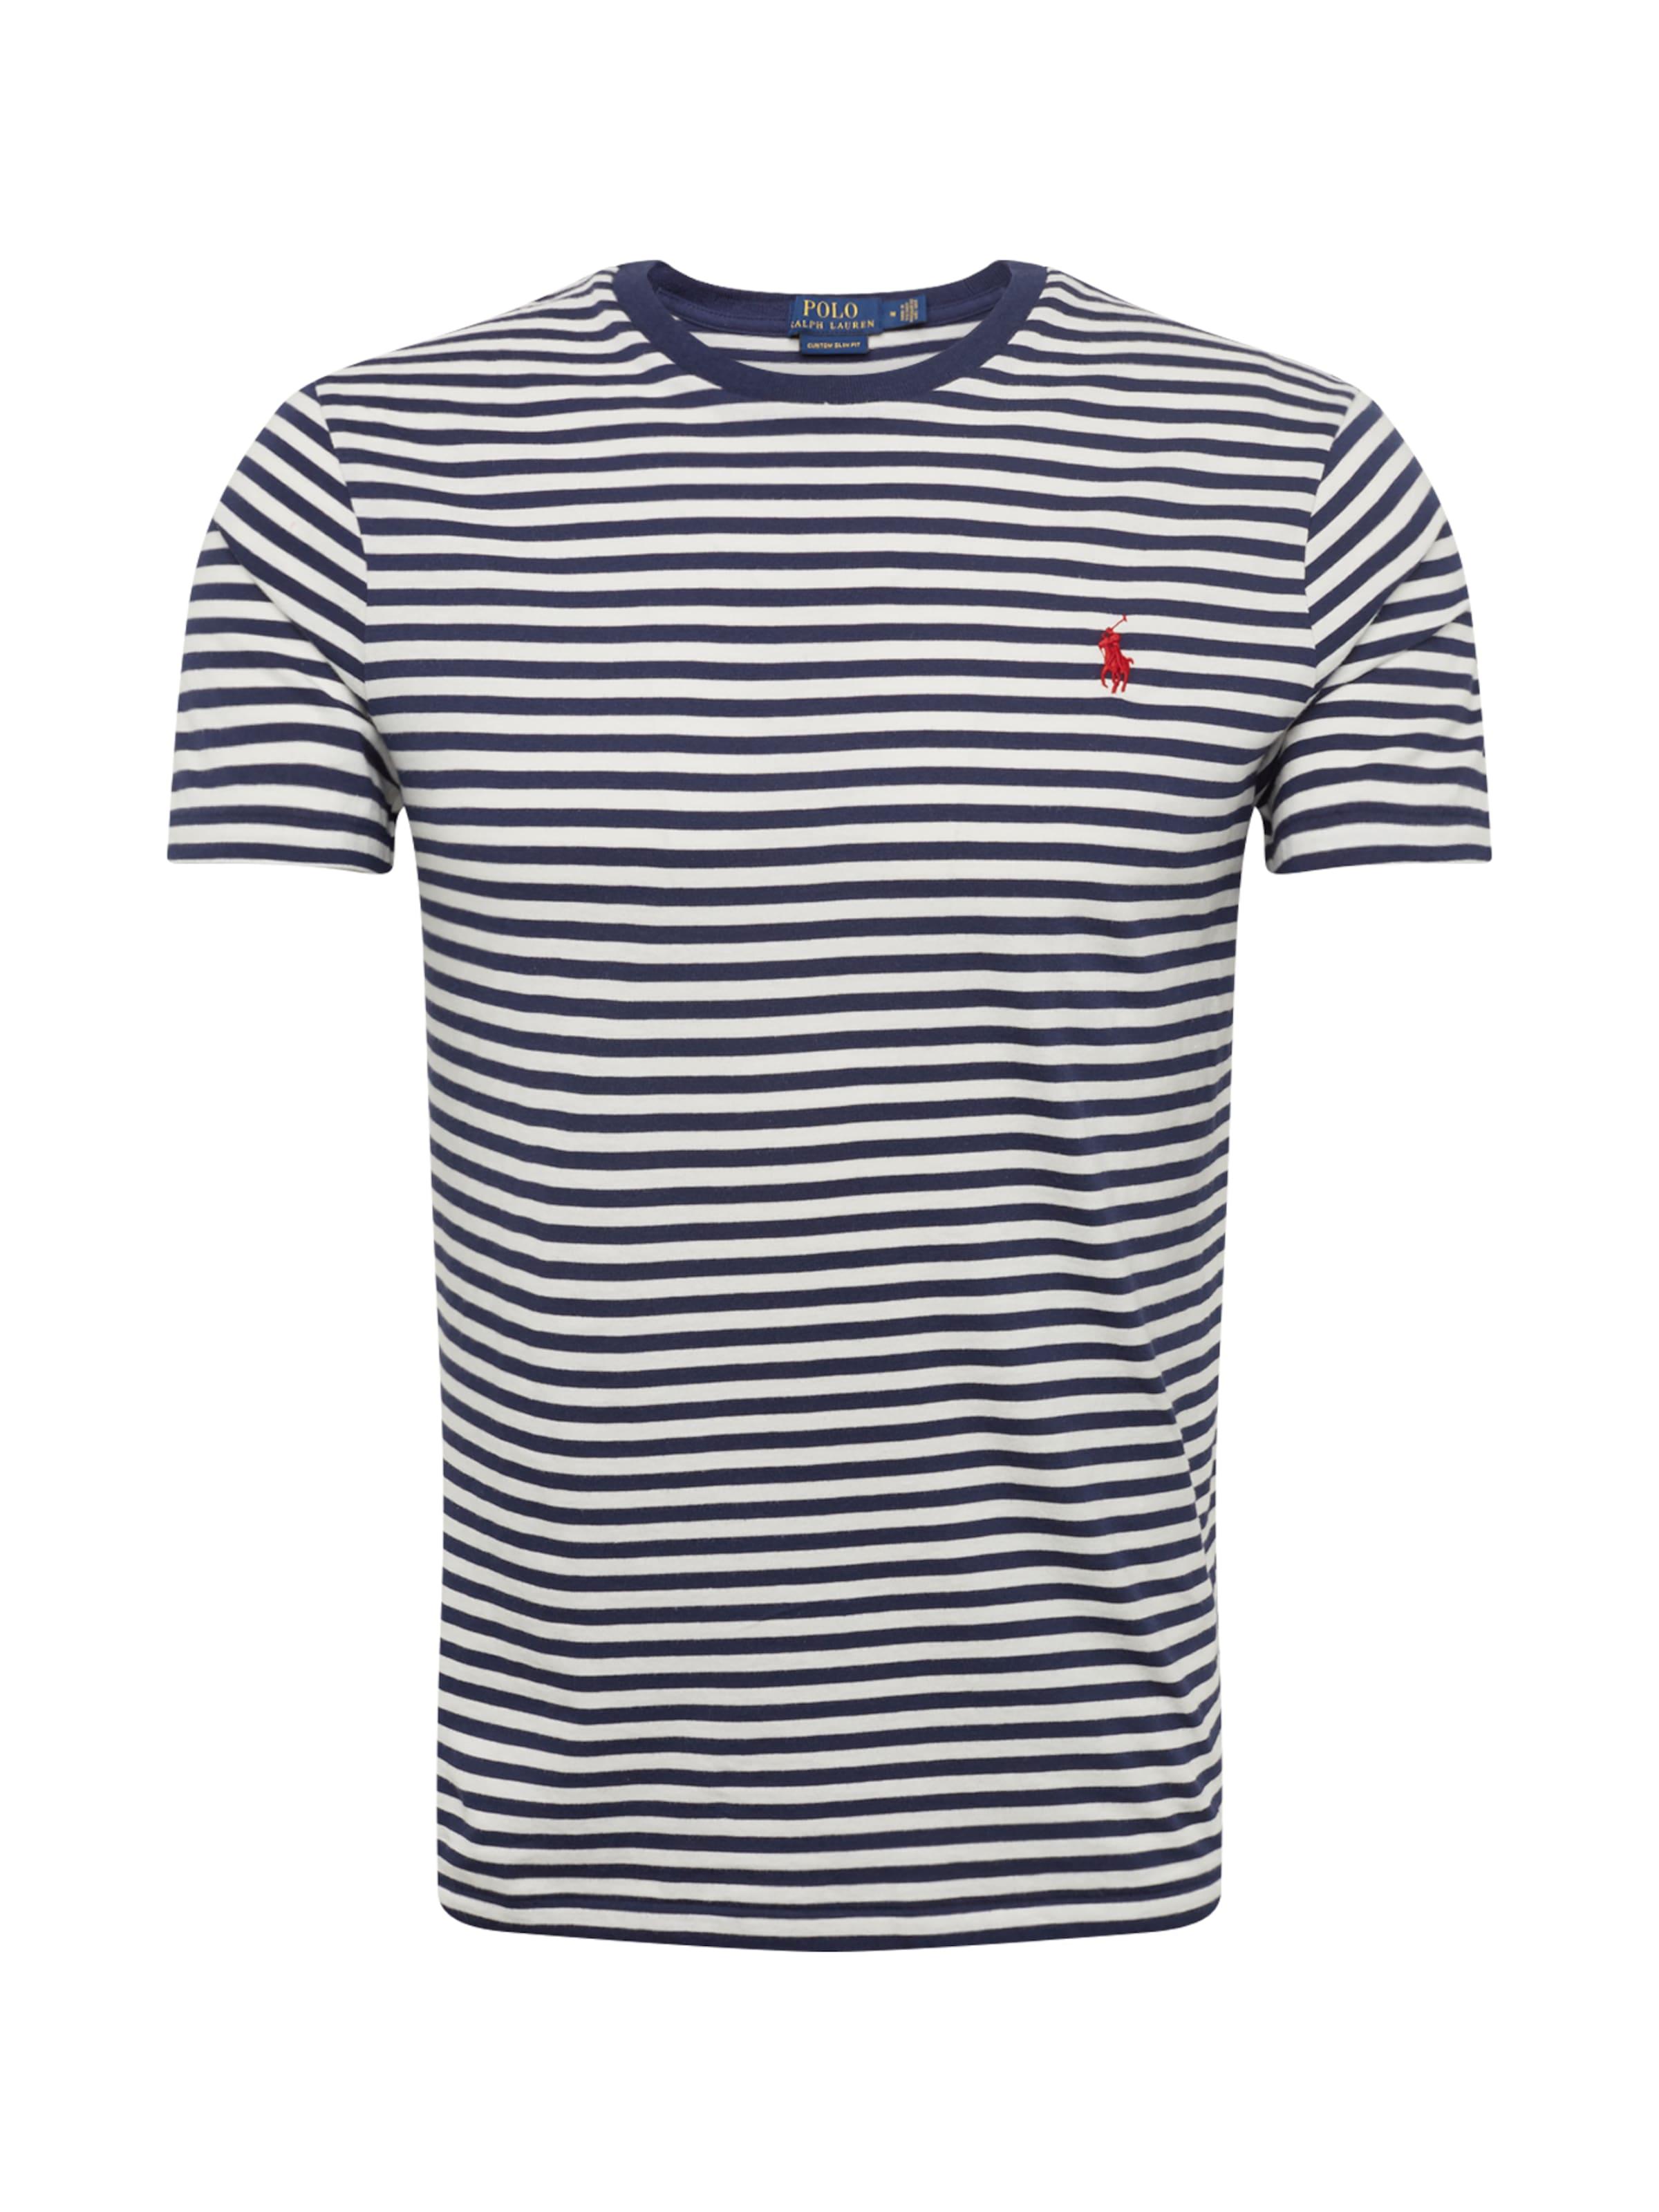 shirt' T shirt Ralph Polo Lauren En Weiß 'sscncmslm7 Sleeve t NavyRot short rQCExoedBW